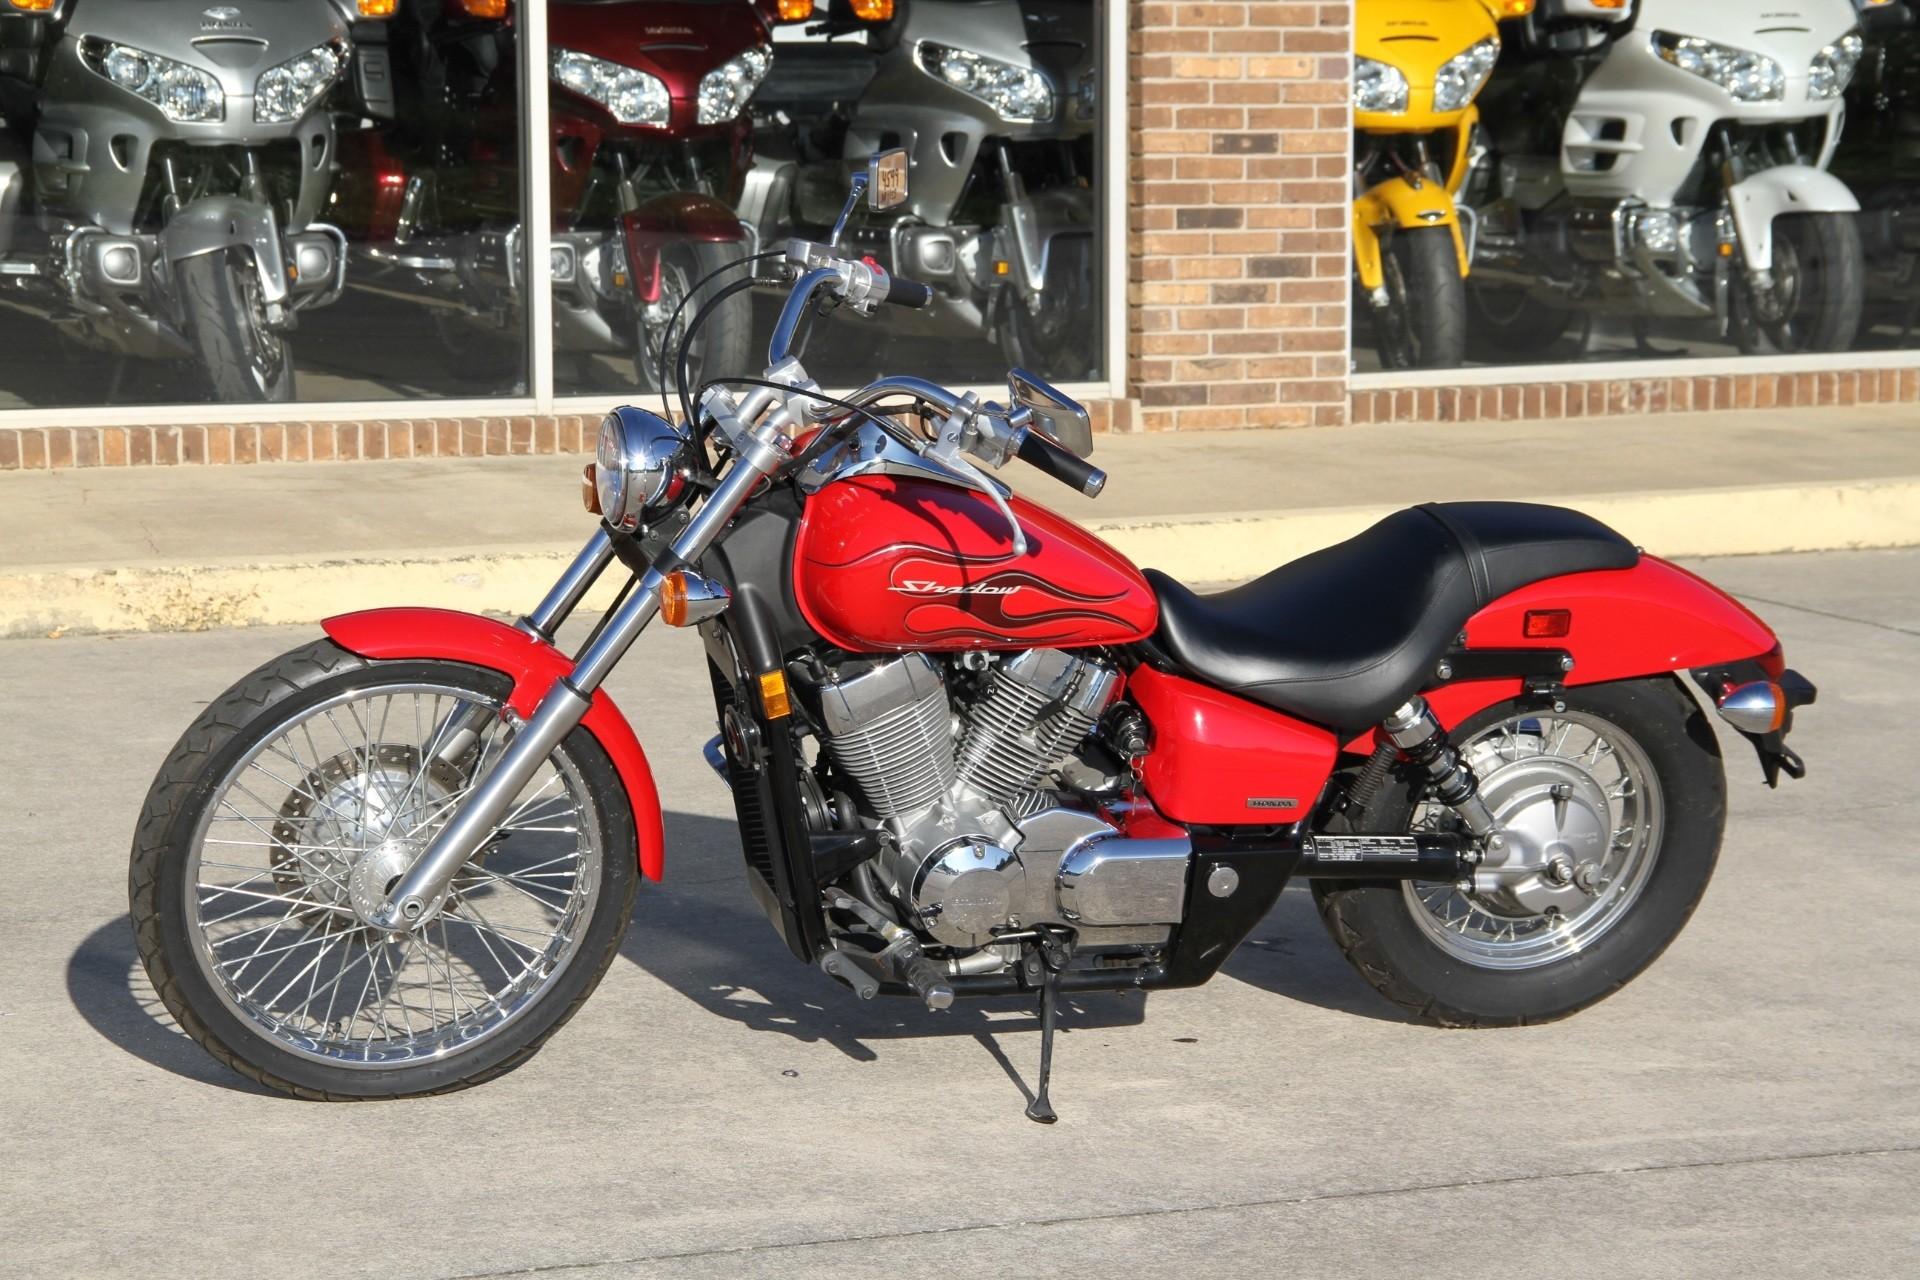 Used 2007 Honda Shadow Spirit 750 C2 Motorcycles In Hendersonville